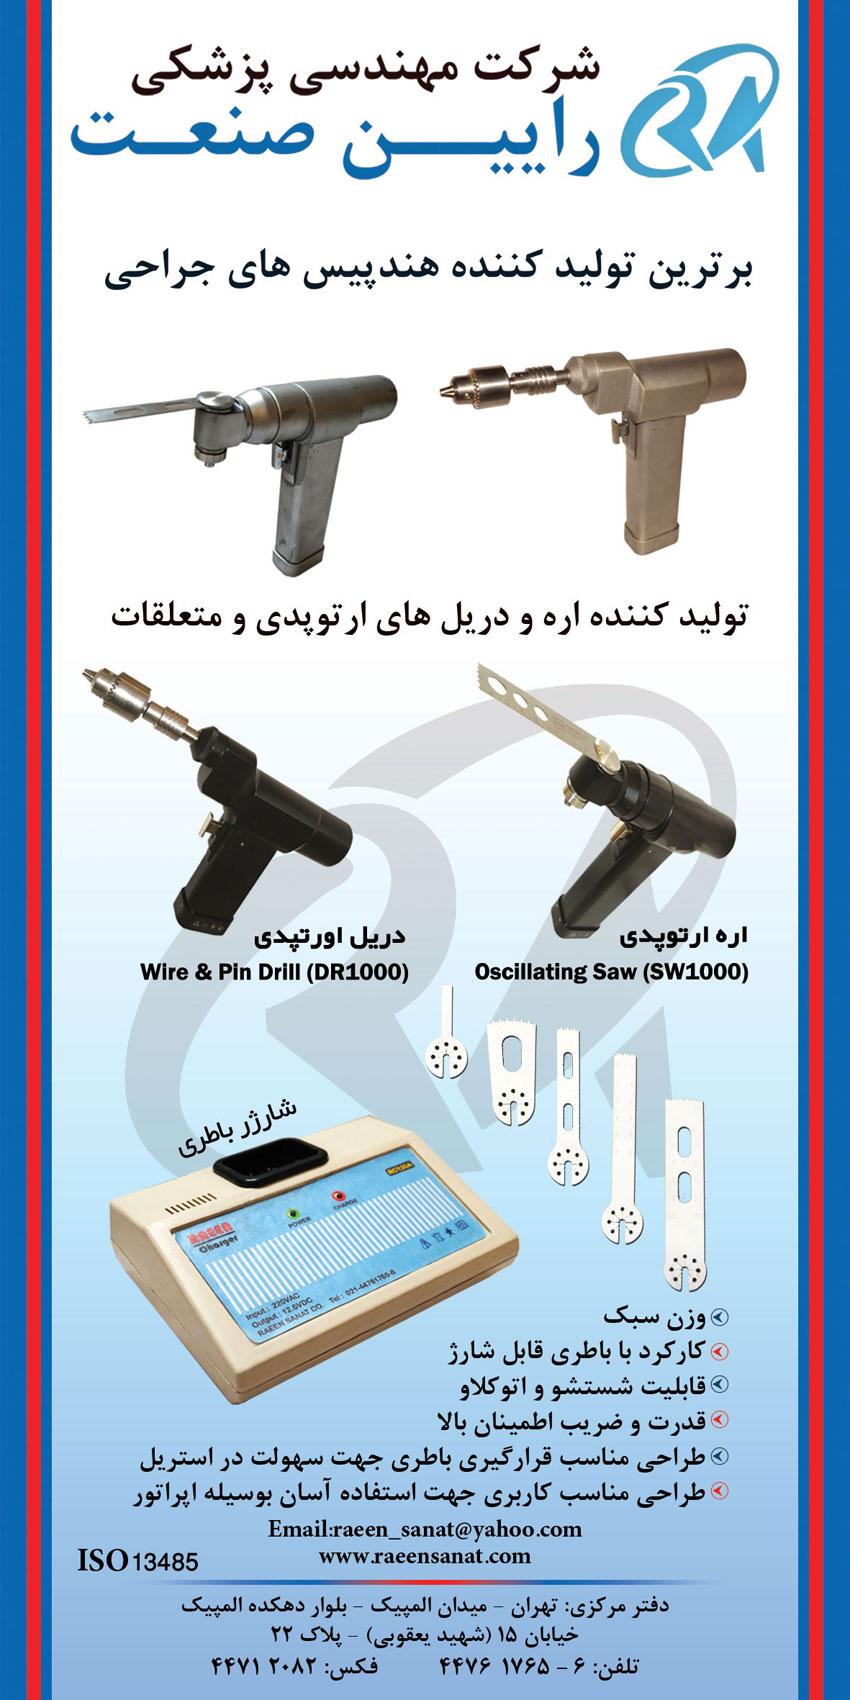 کاتالوگ اره و دریل ارتوپدی